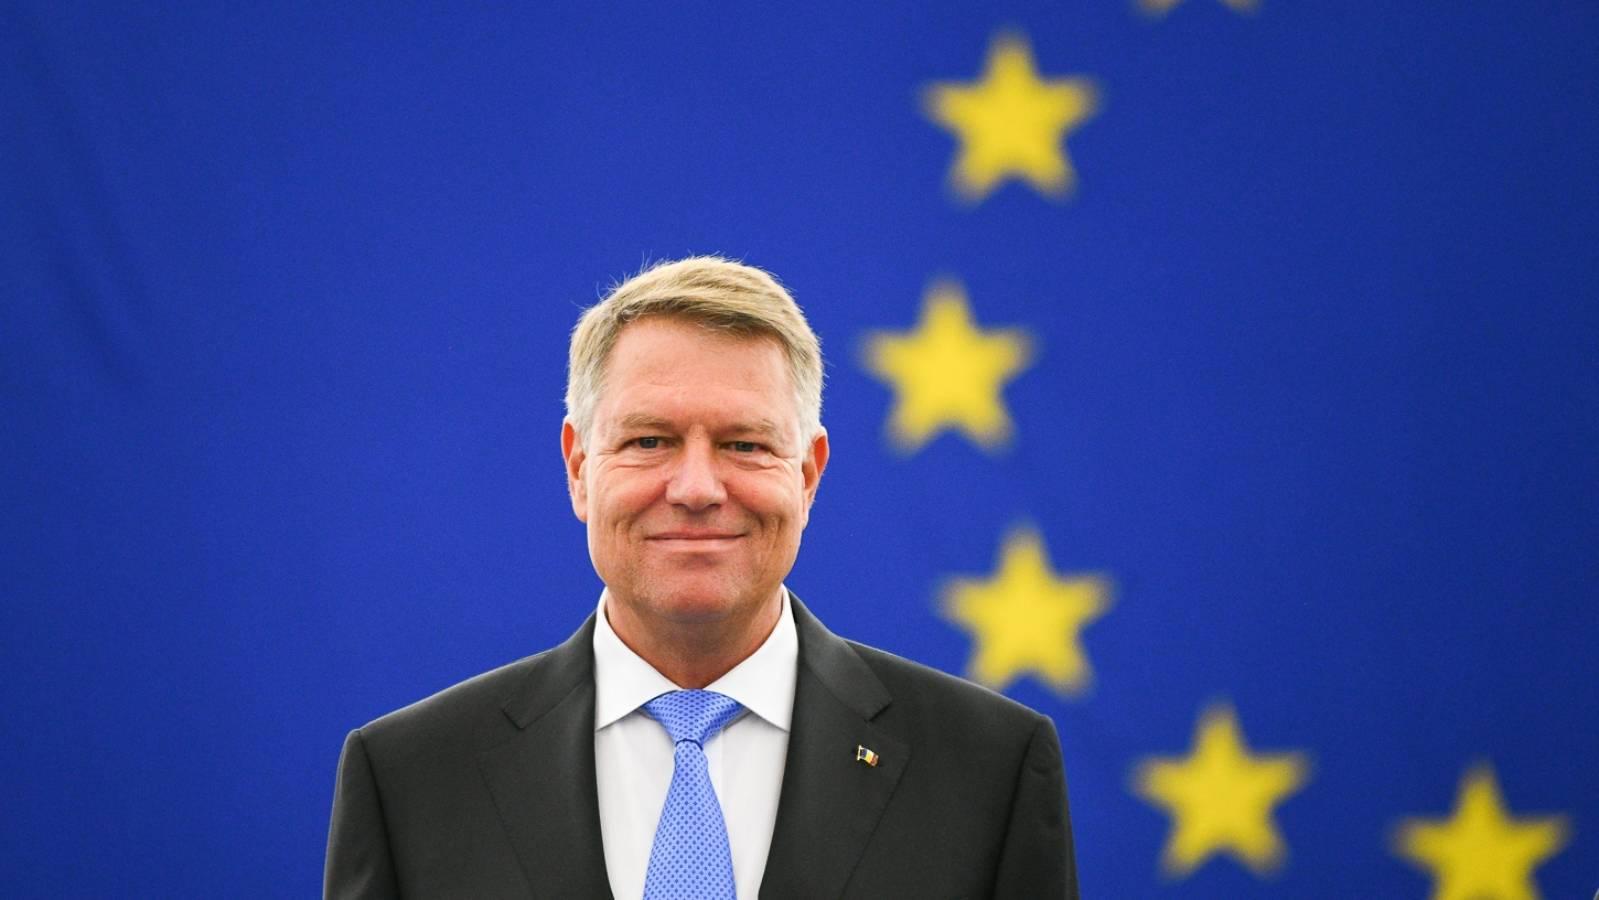 Klaus Iohannis AVERTISMENT Craciun Anul Nou Romani